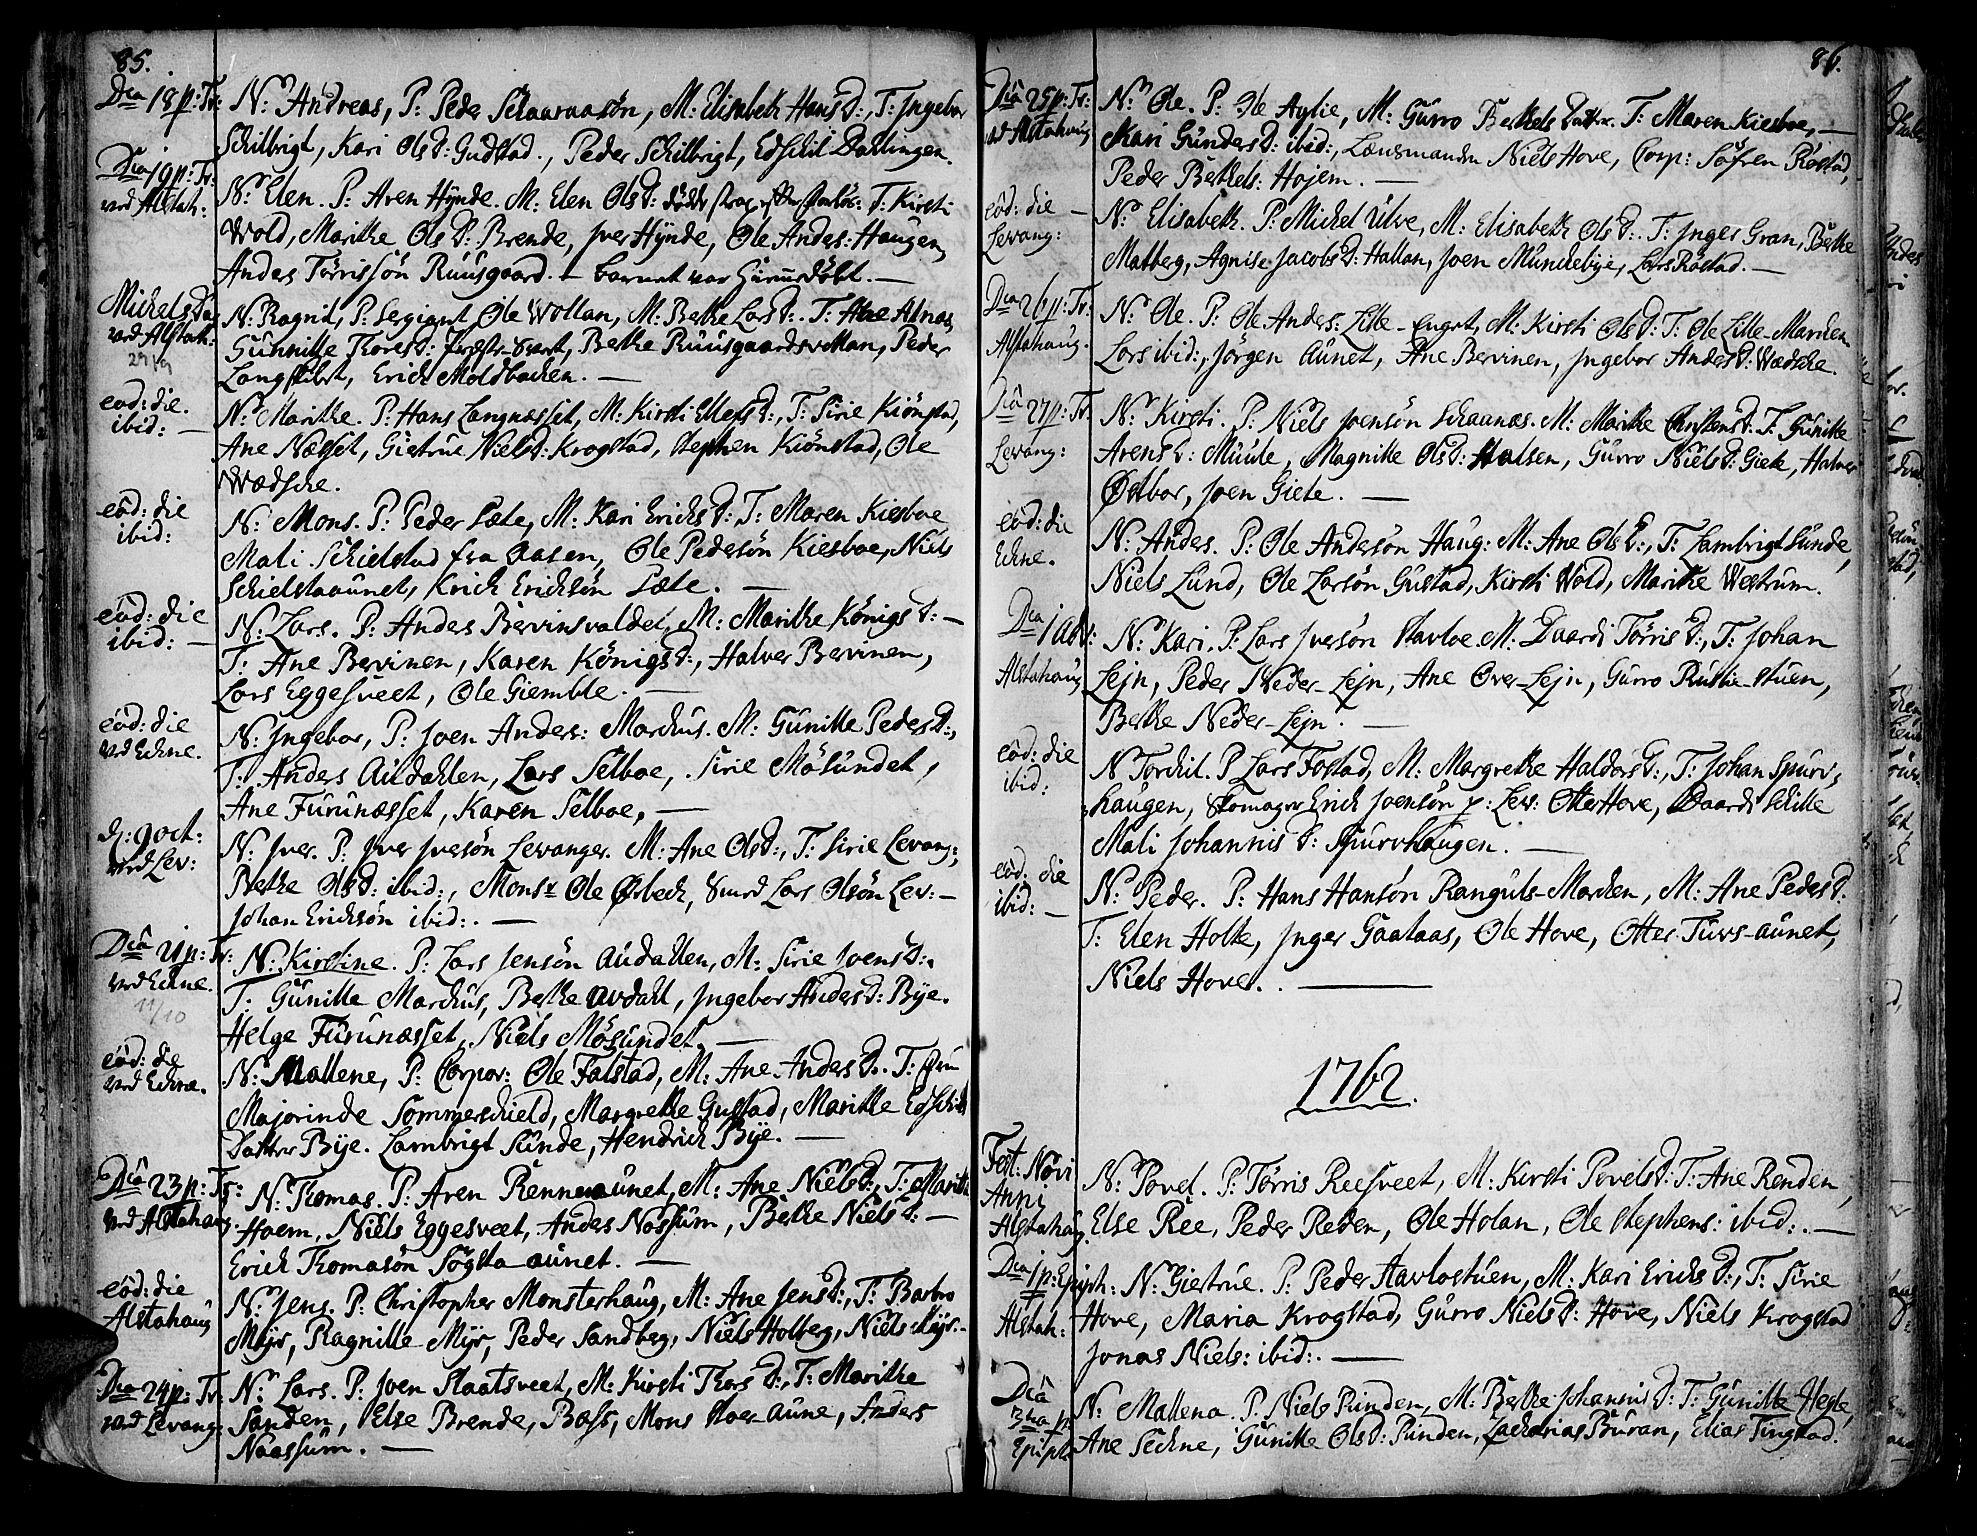 SAT, Ministerialprotokoller, klokkerbøker og fødselsregistre - Nord-Trøndelag, 717/L0141: Ministerialbok nr. 717A01, 1747-1803, s. 85-86